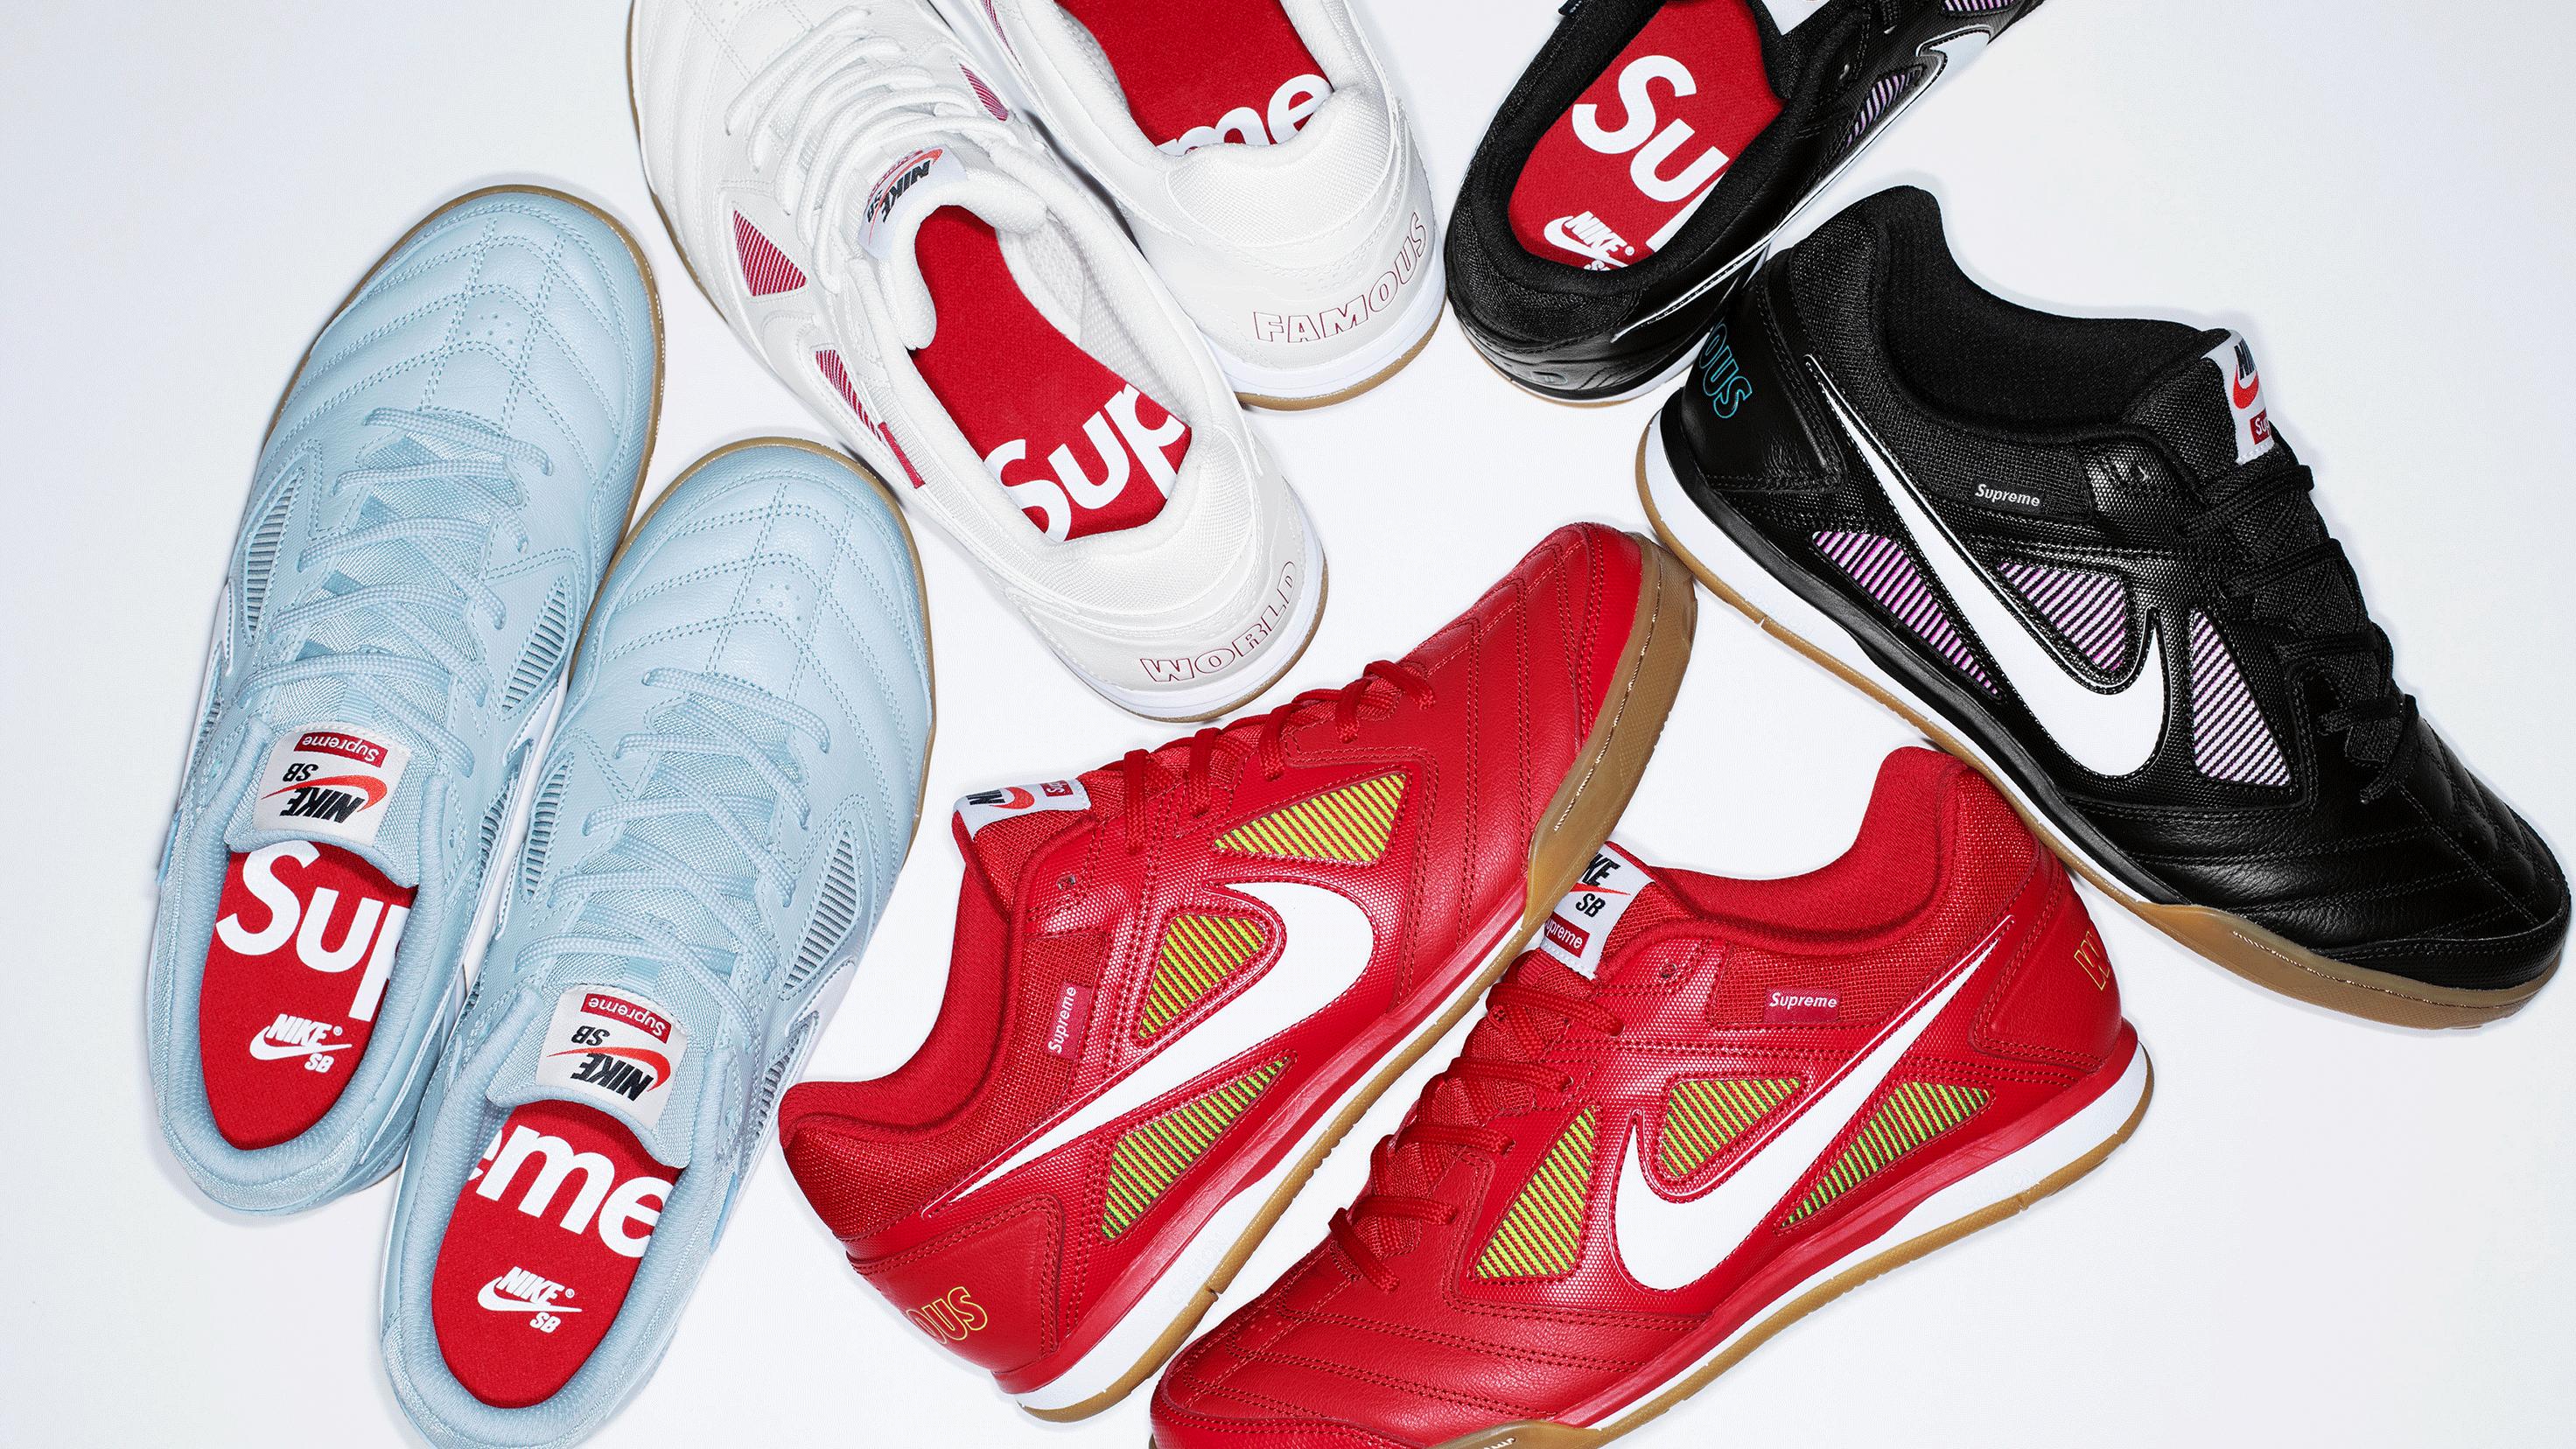 ganado Emoción comerciante  Supreme's Nike SB Gato Collab Is Dropping on SNKRS